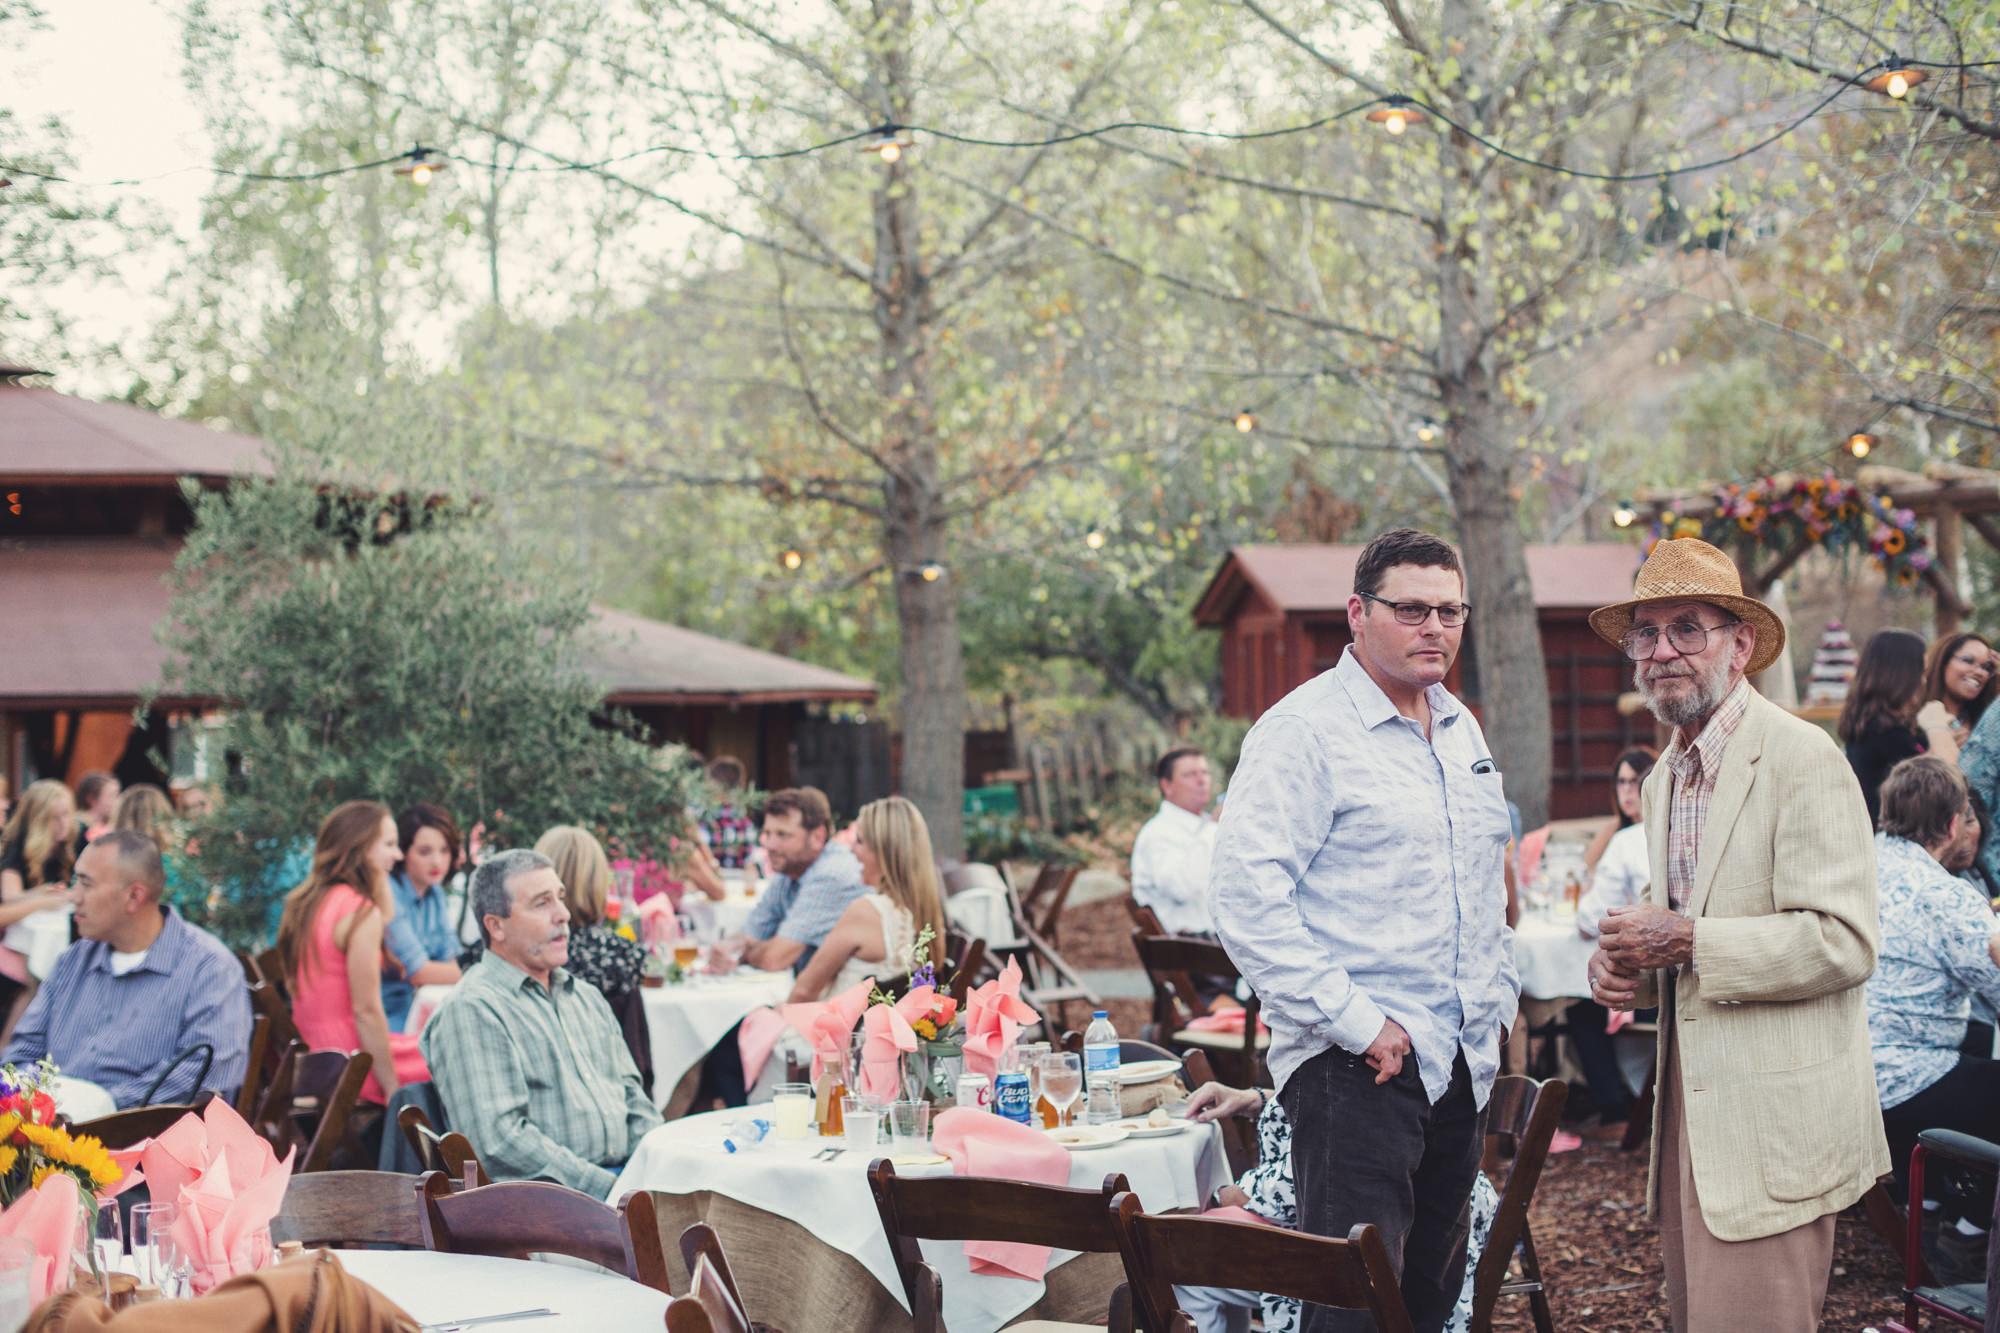 Rustic wedding in California ©Anne-Claire Brun 108